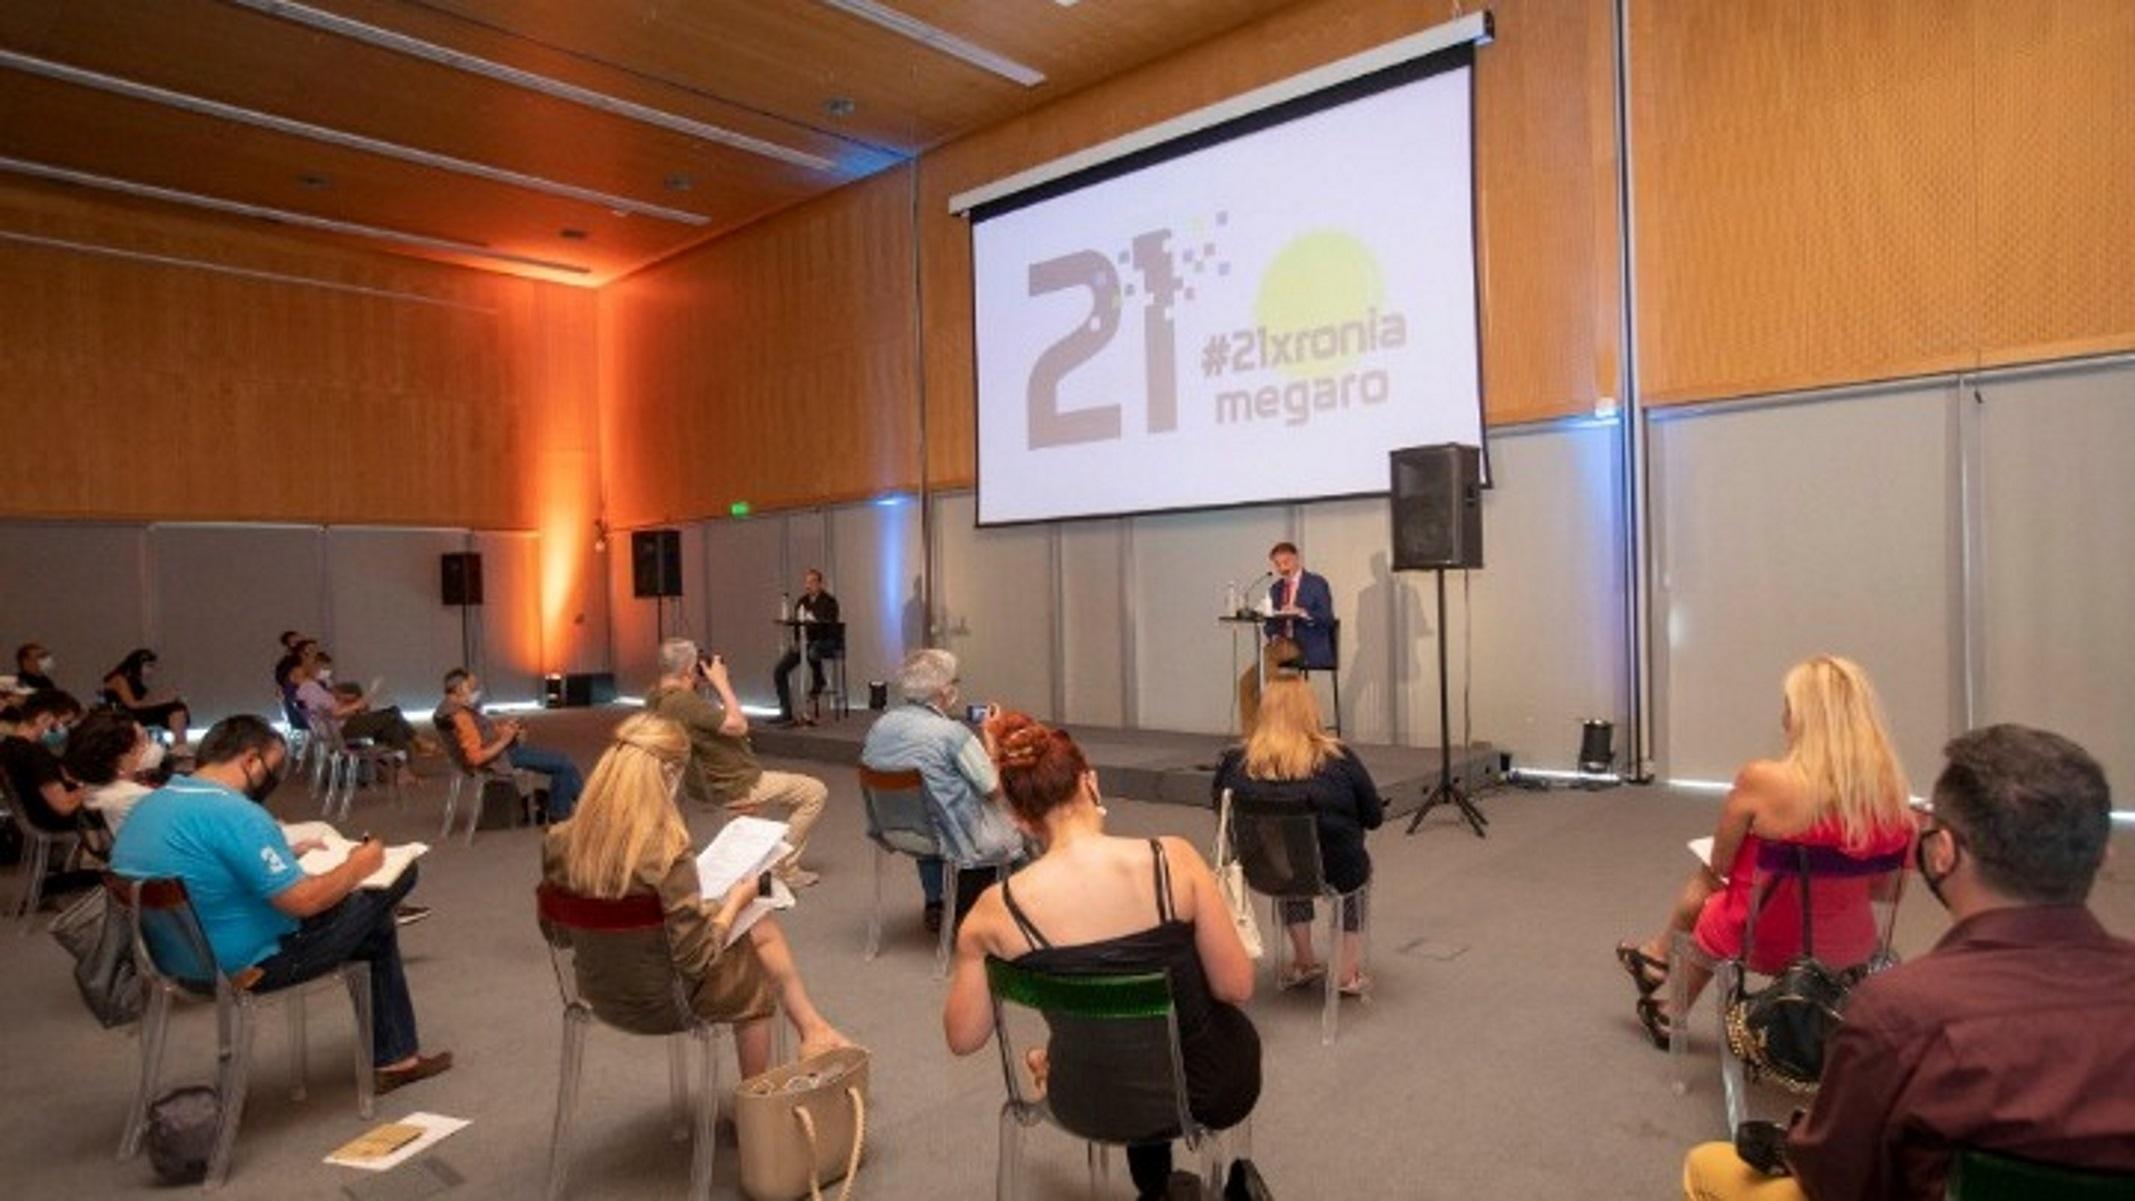 Θεσσαλονίκη: Καλοκαίρι στο Μέγαρο με 13 εντυπωσιακές παραγωγές